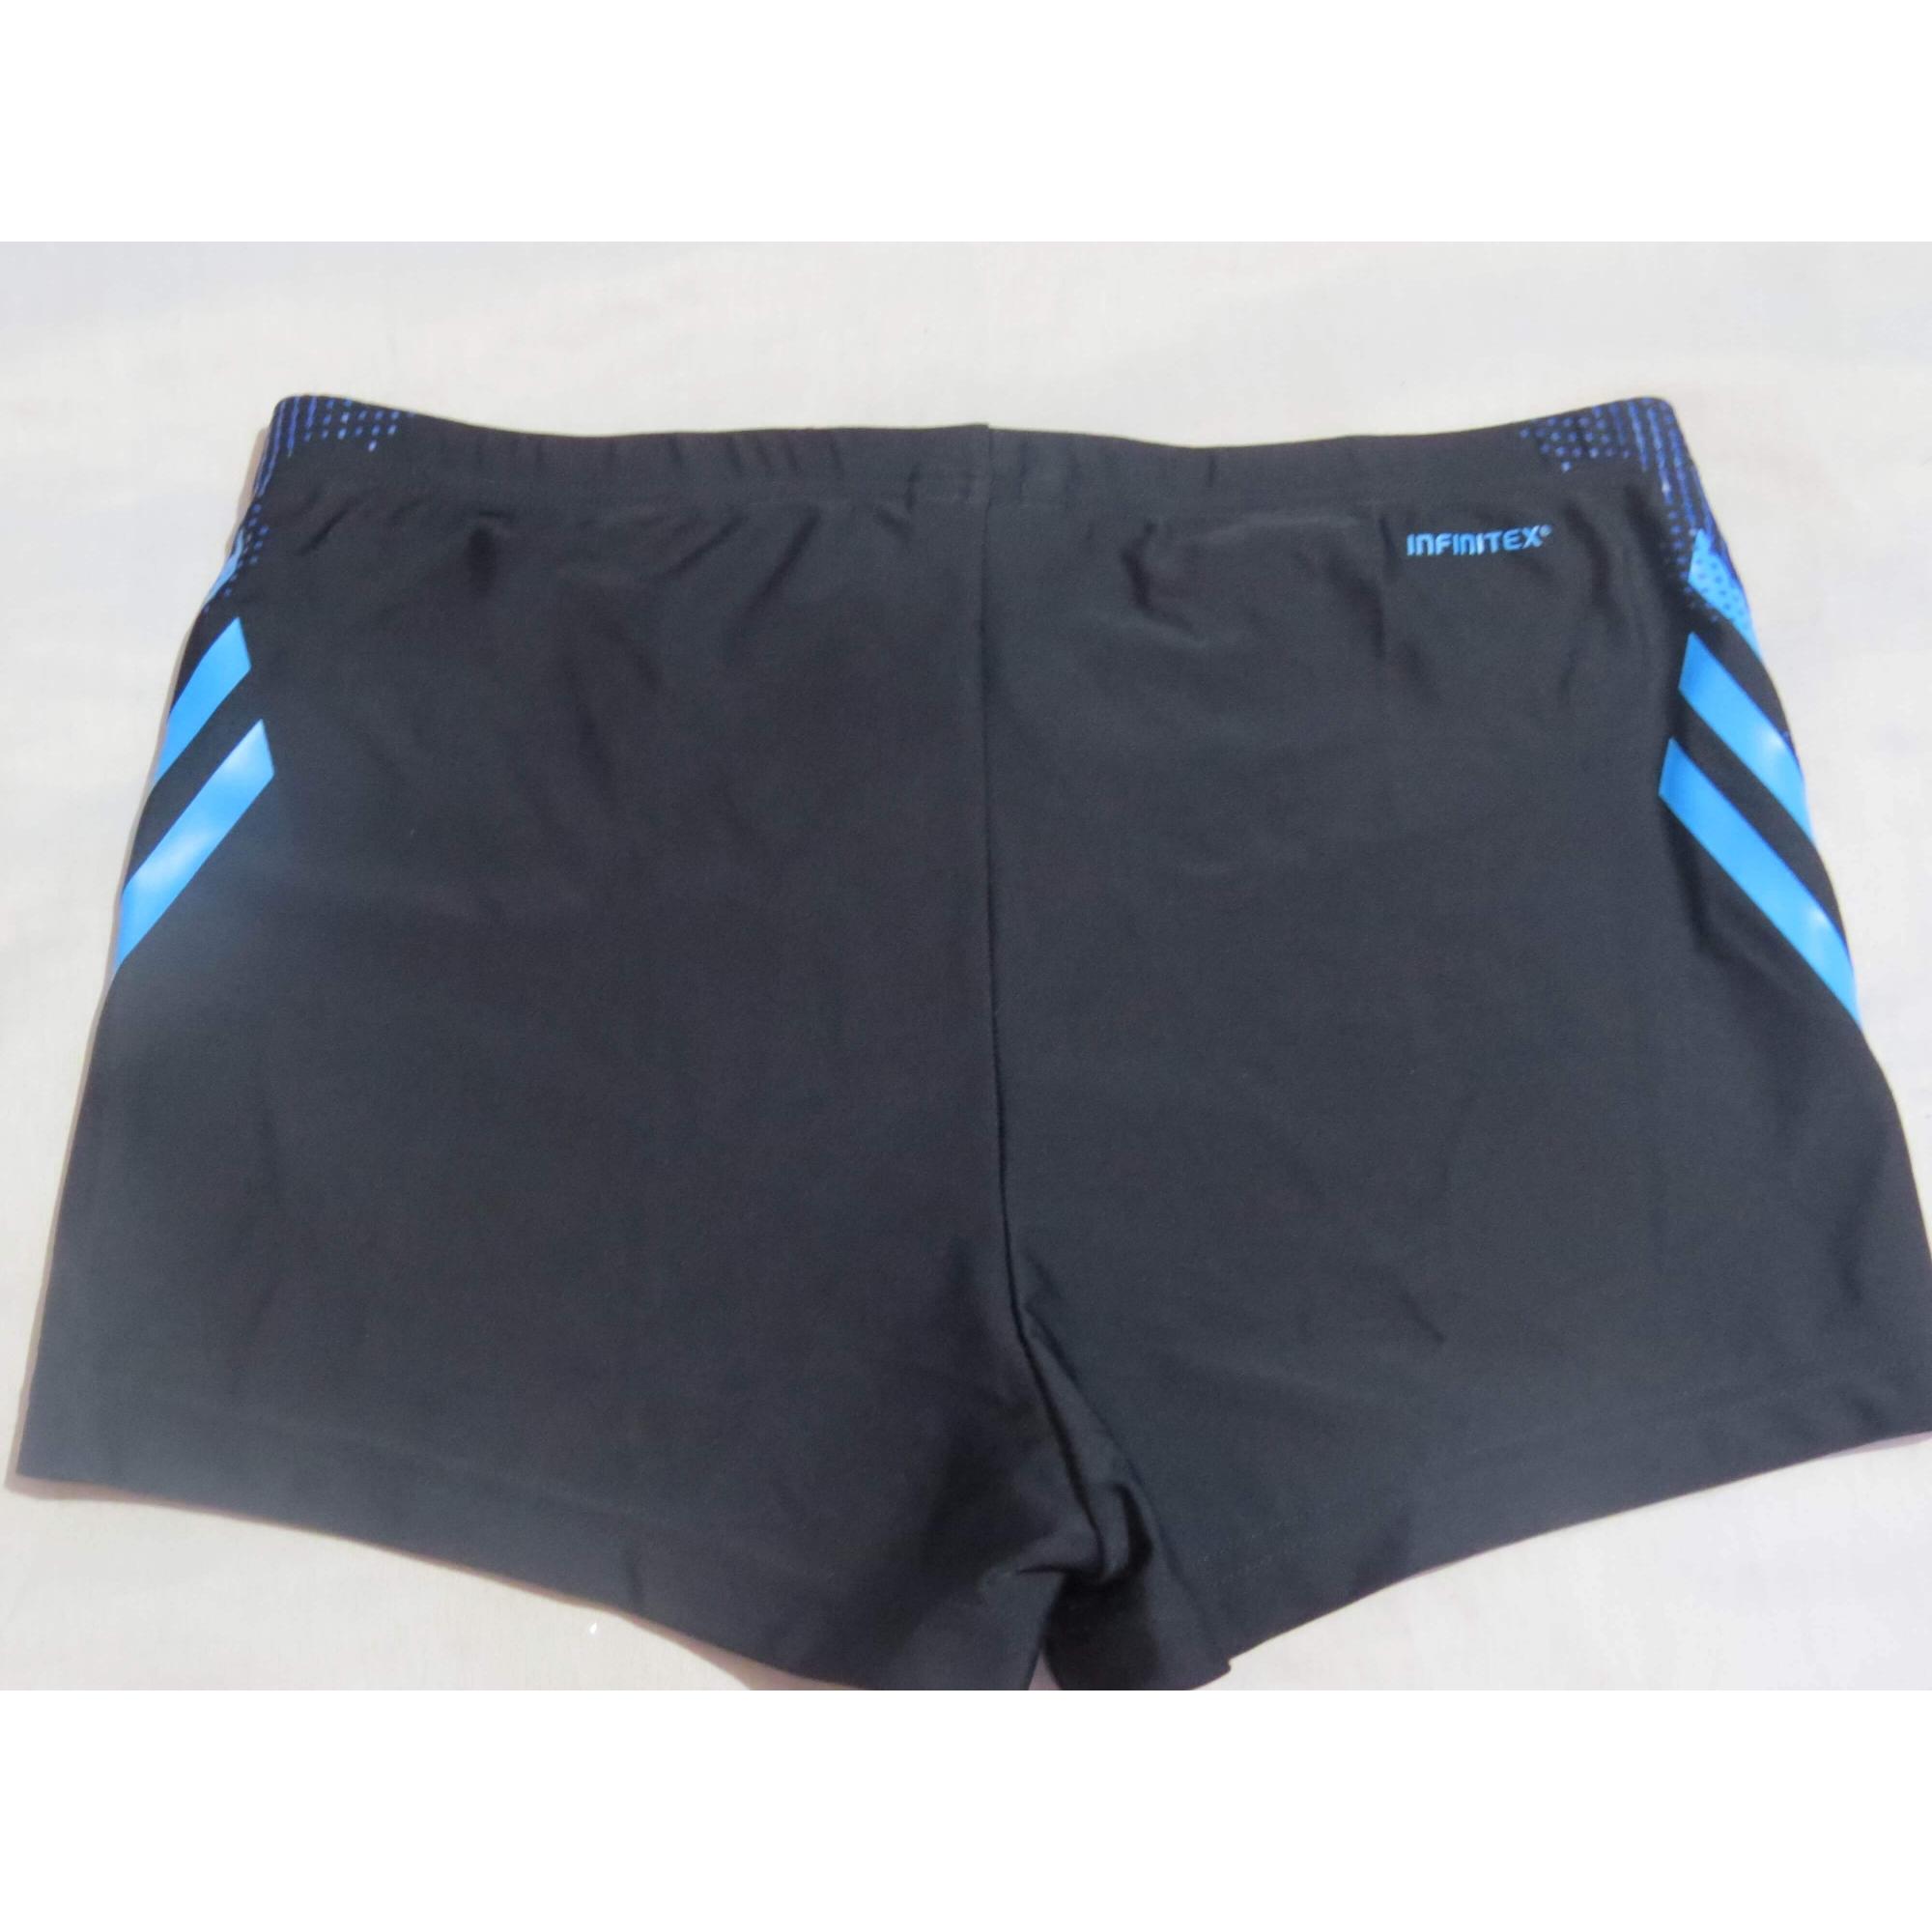 Sunga Boxer Adidas Infinitex 20751 natação praia piscina